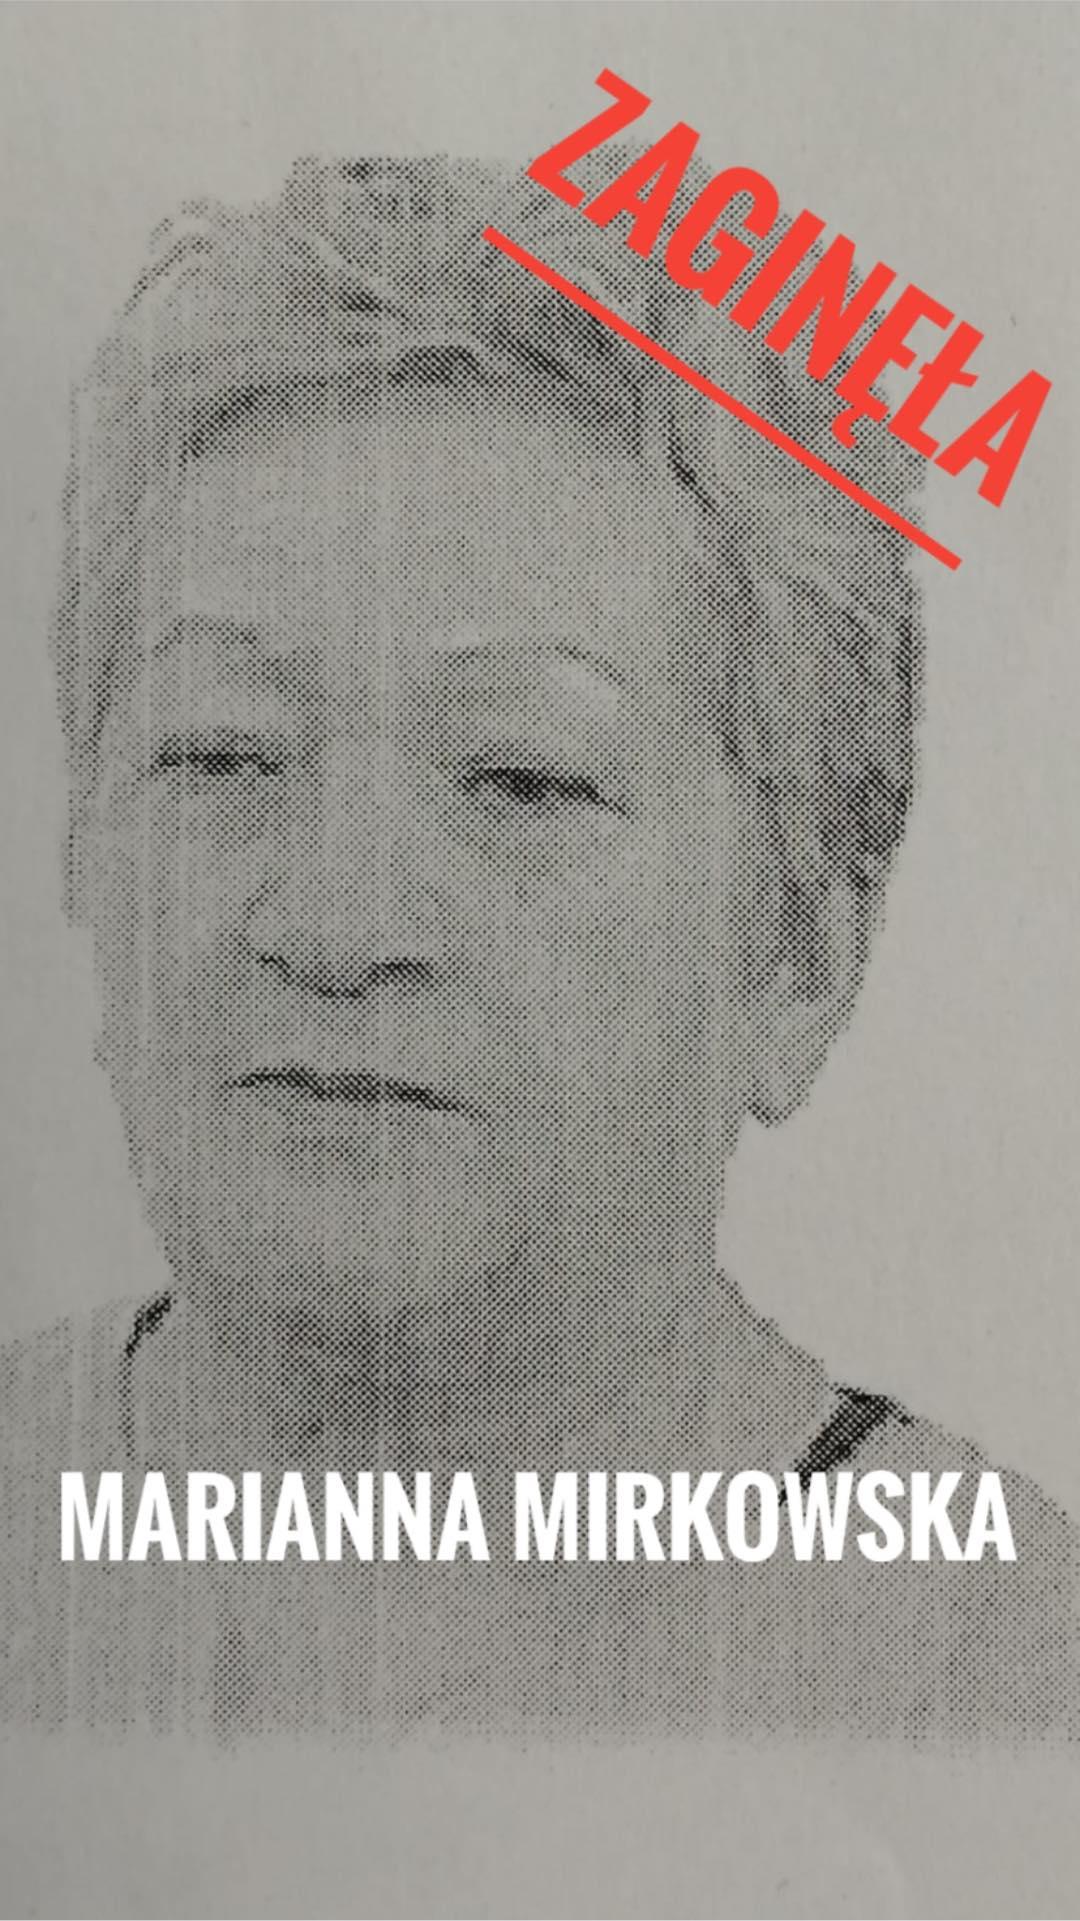 zaginiona fot. policja - Poznań: Zaginęła Marianna Mirkowska. Czy ktoś ją widział?